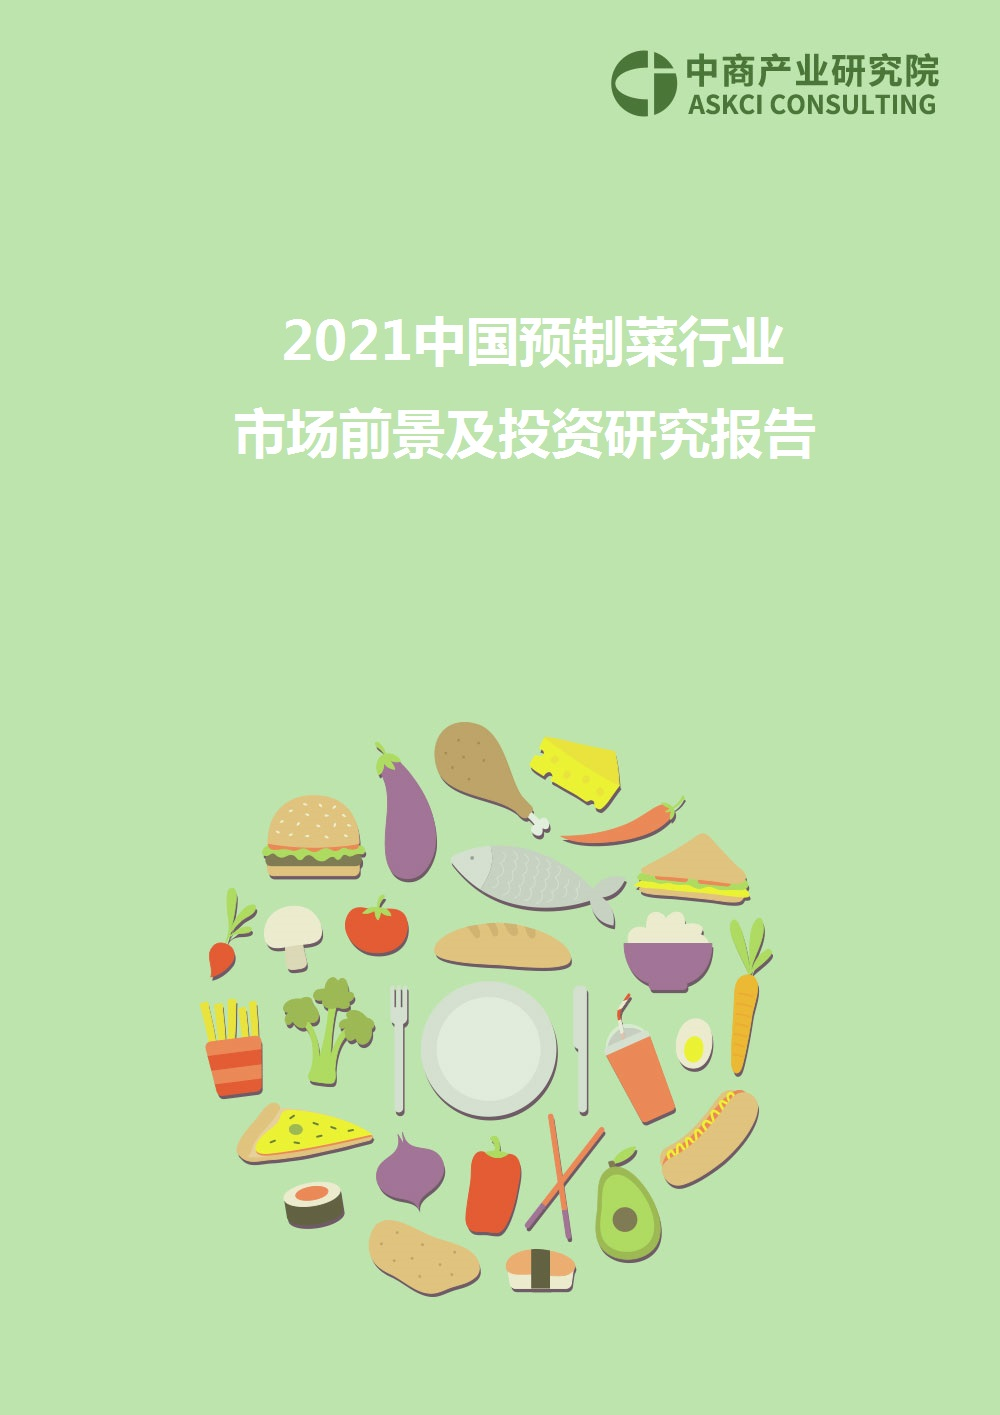 2021中国预制菜行业市场前景及投资研究报告